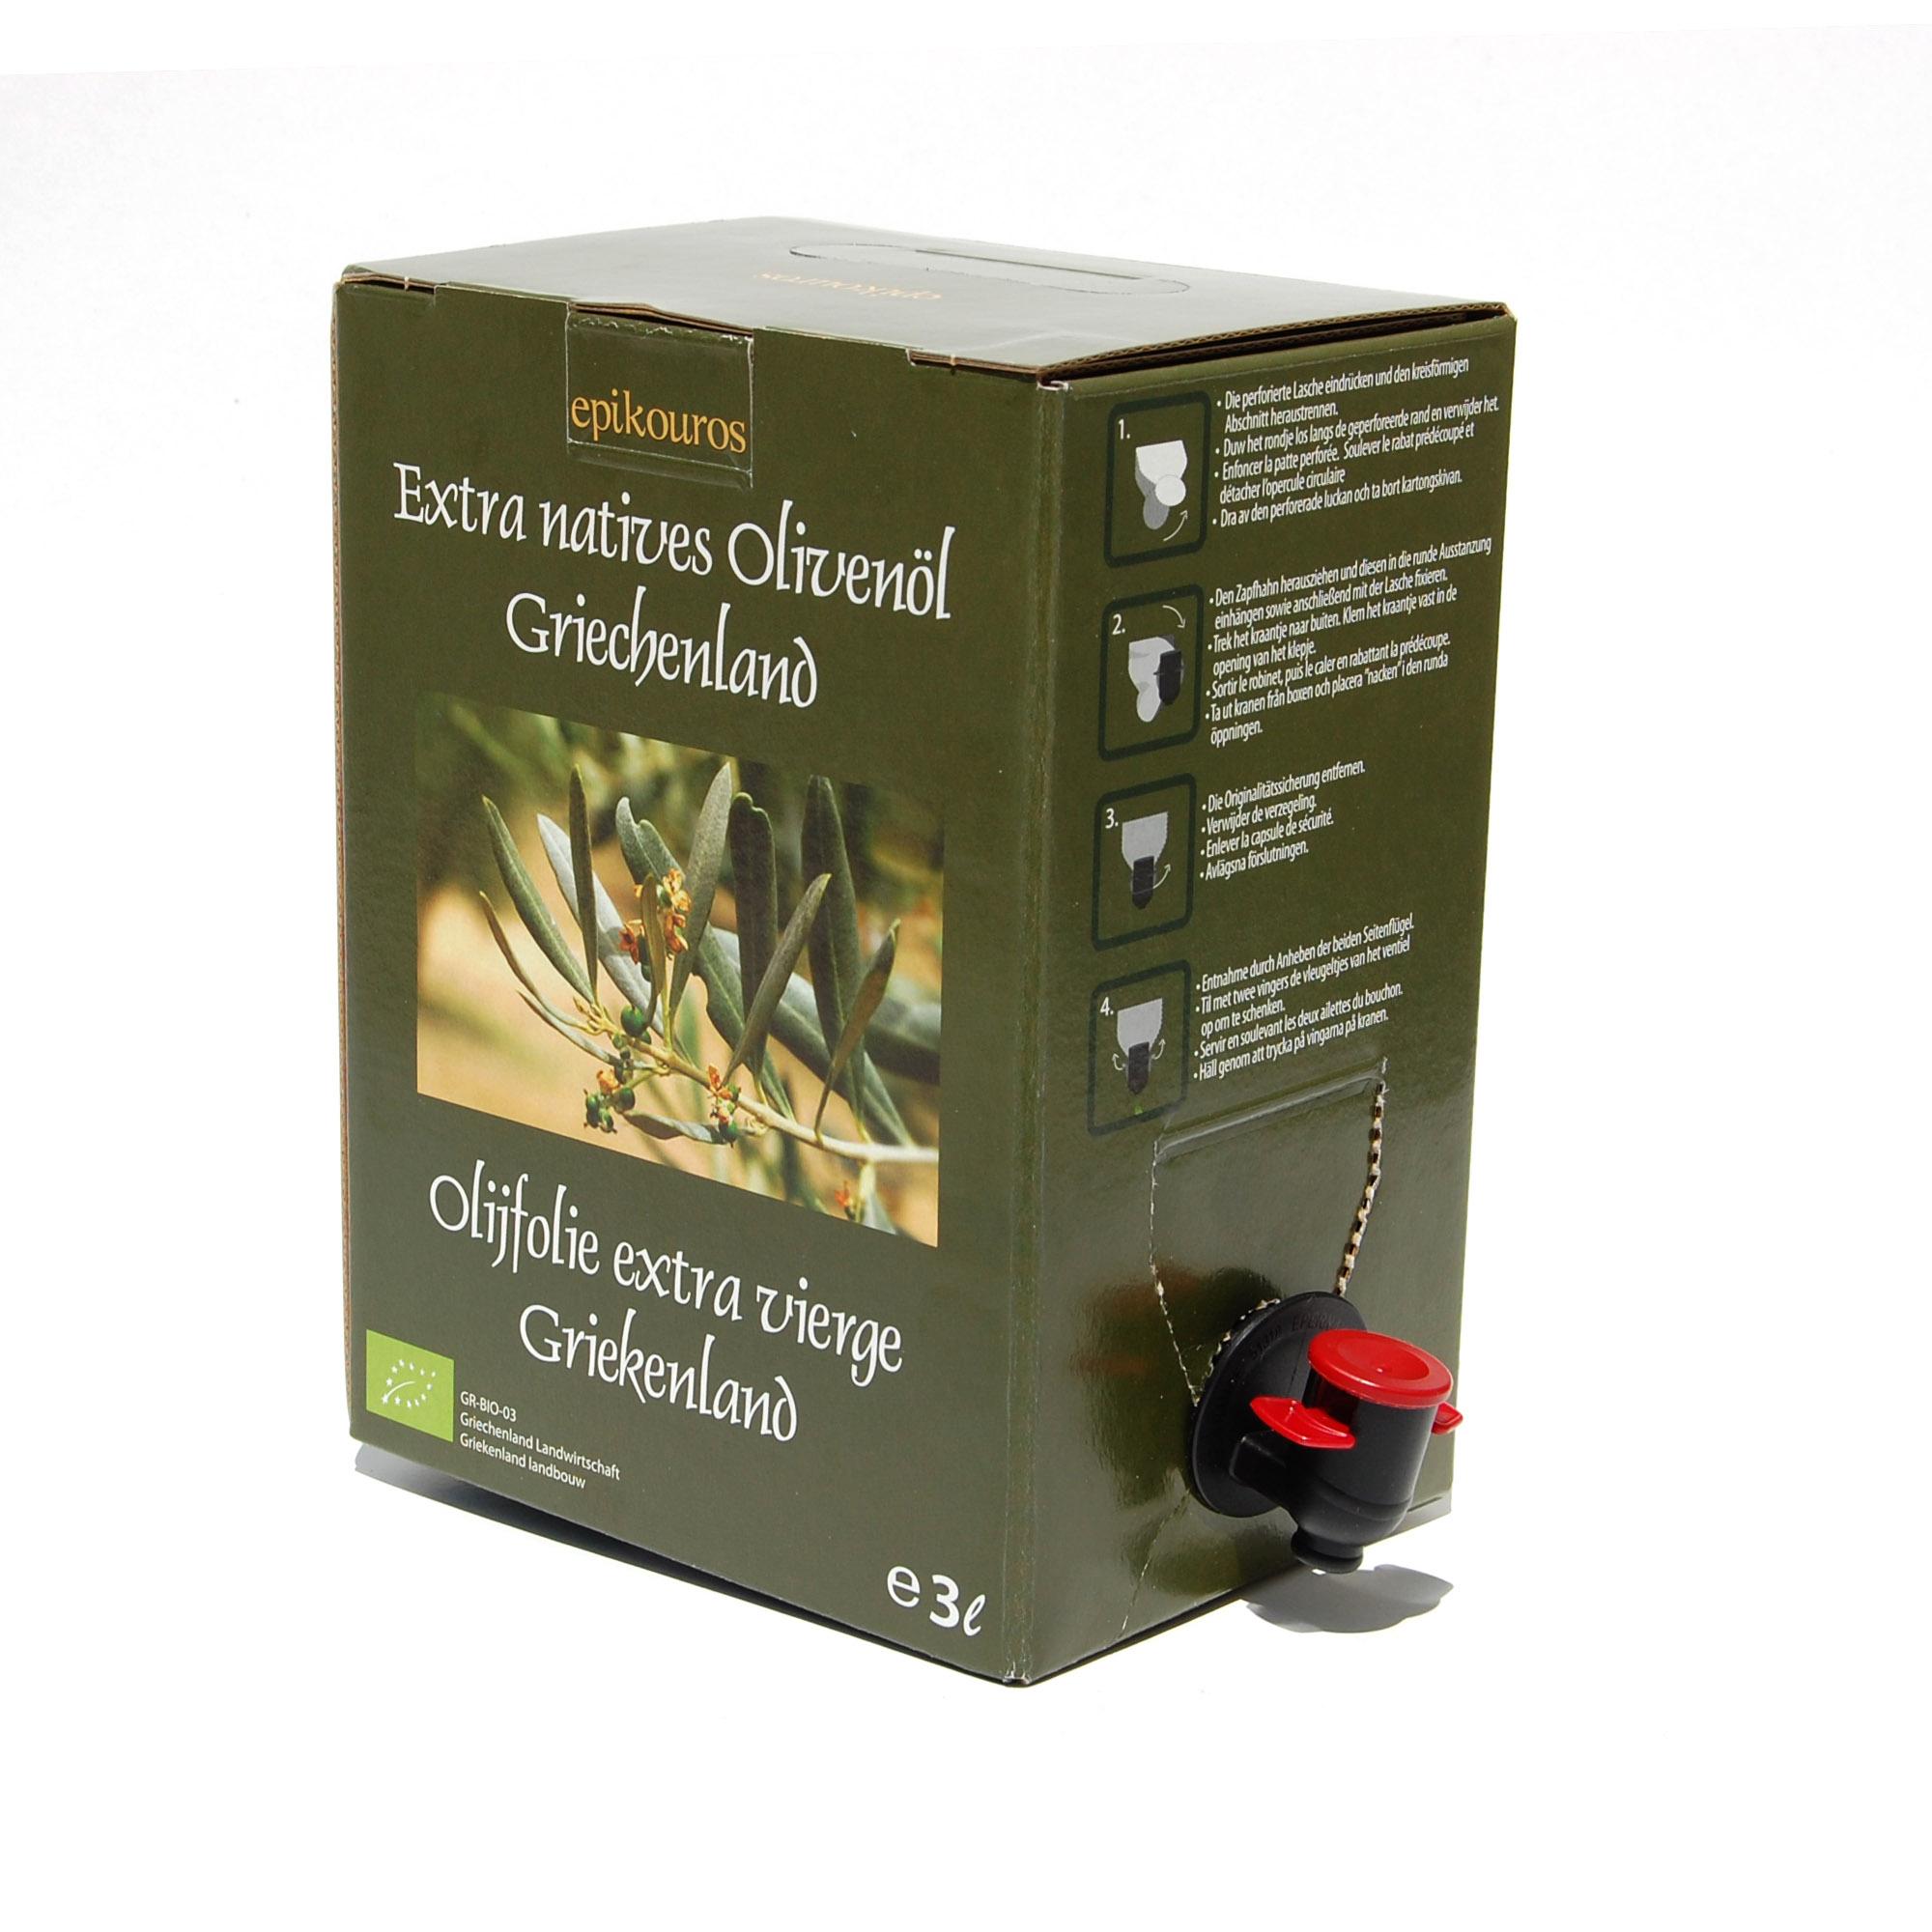 3 liter biodynamisk olivenolie bag in boks